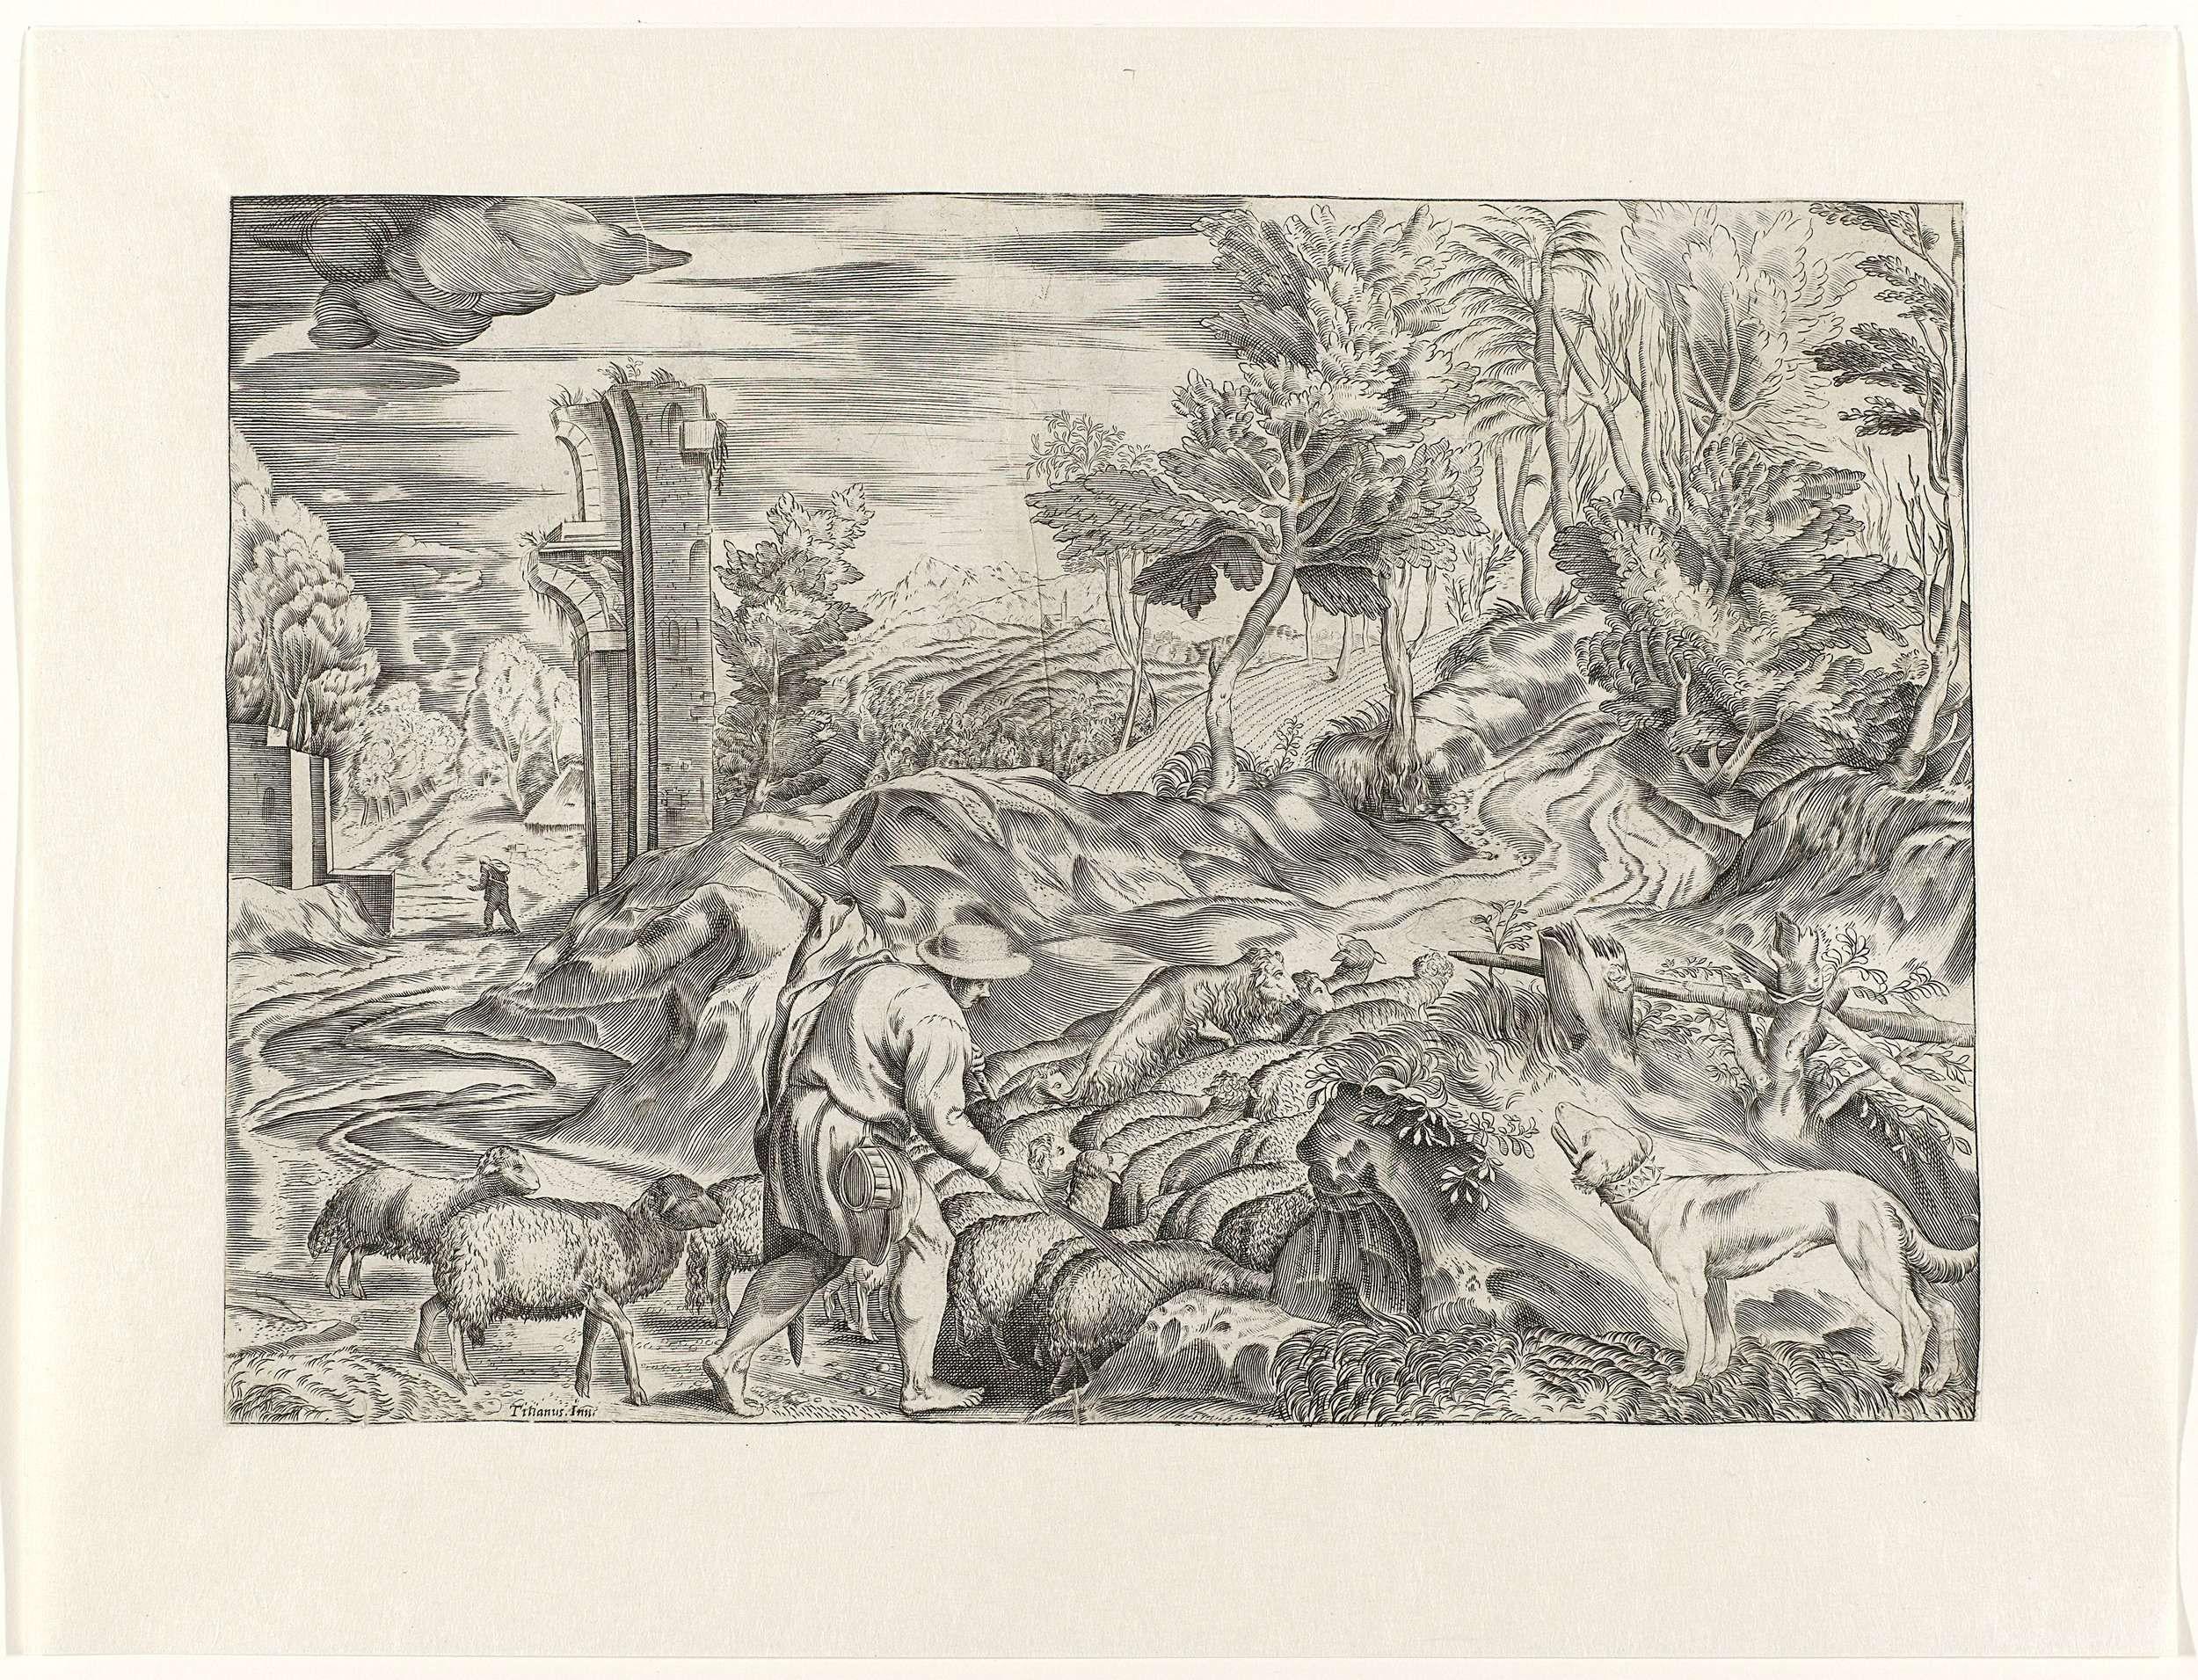 Anonymous | Landschap met herder en kudde schapen, Anonymous, c. 1550 - c. 1600 | Een jonge herder met zomerhoed leidt zijn kudde schapen op een heuvel rechts. Zijn hond kijkt toe op de rechtervoorgrond. Op de achtergrond tekent zich rechts een bosrijke heuvel en links een antieke ruïne af en een wandelaar.